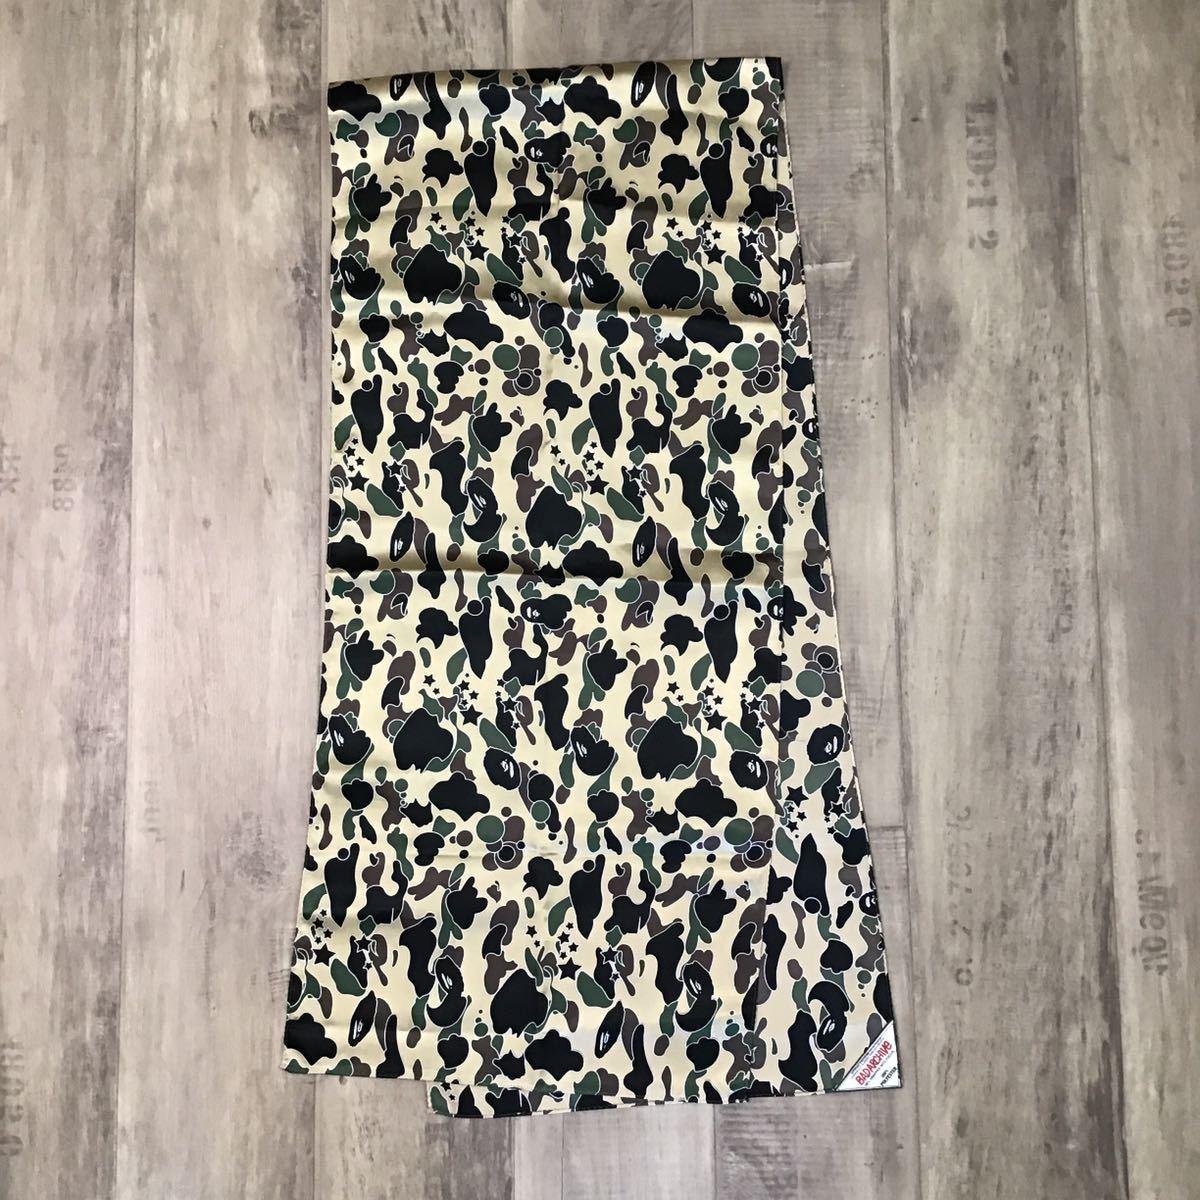 ★激レア★ 初期 sta camo スカーフ a bathing ape BAPE ストール エイプ ベイプ アベイシングエイプ psyche scarf nigo 1521